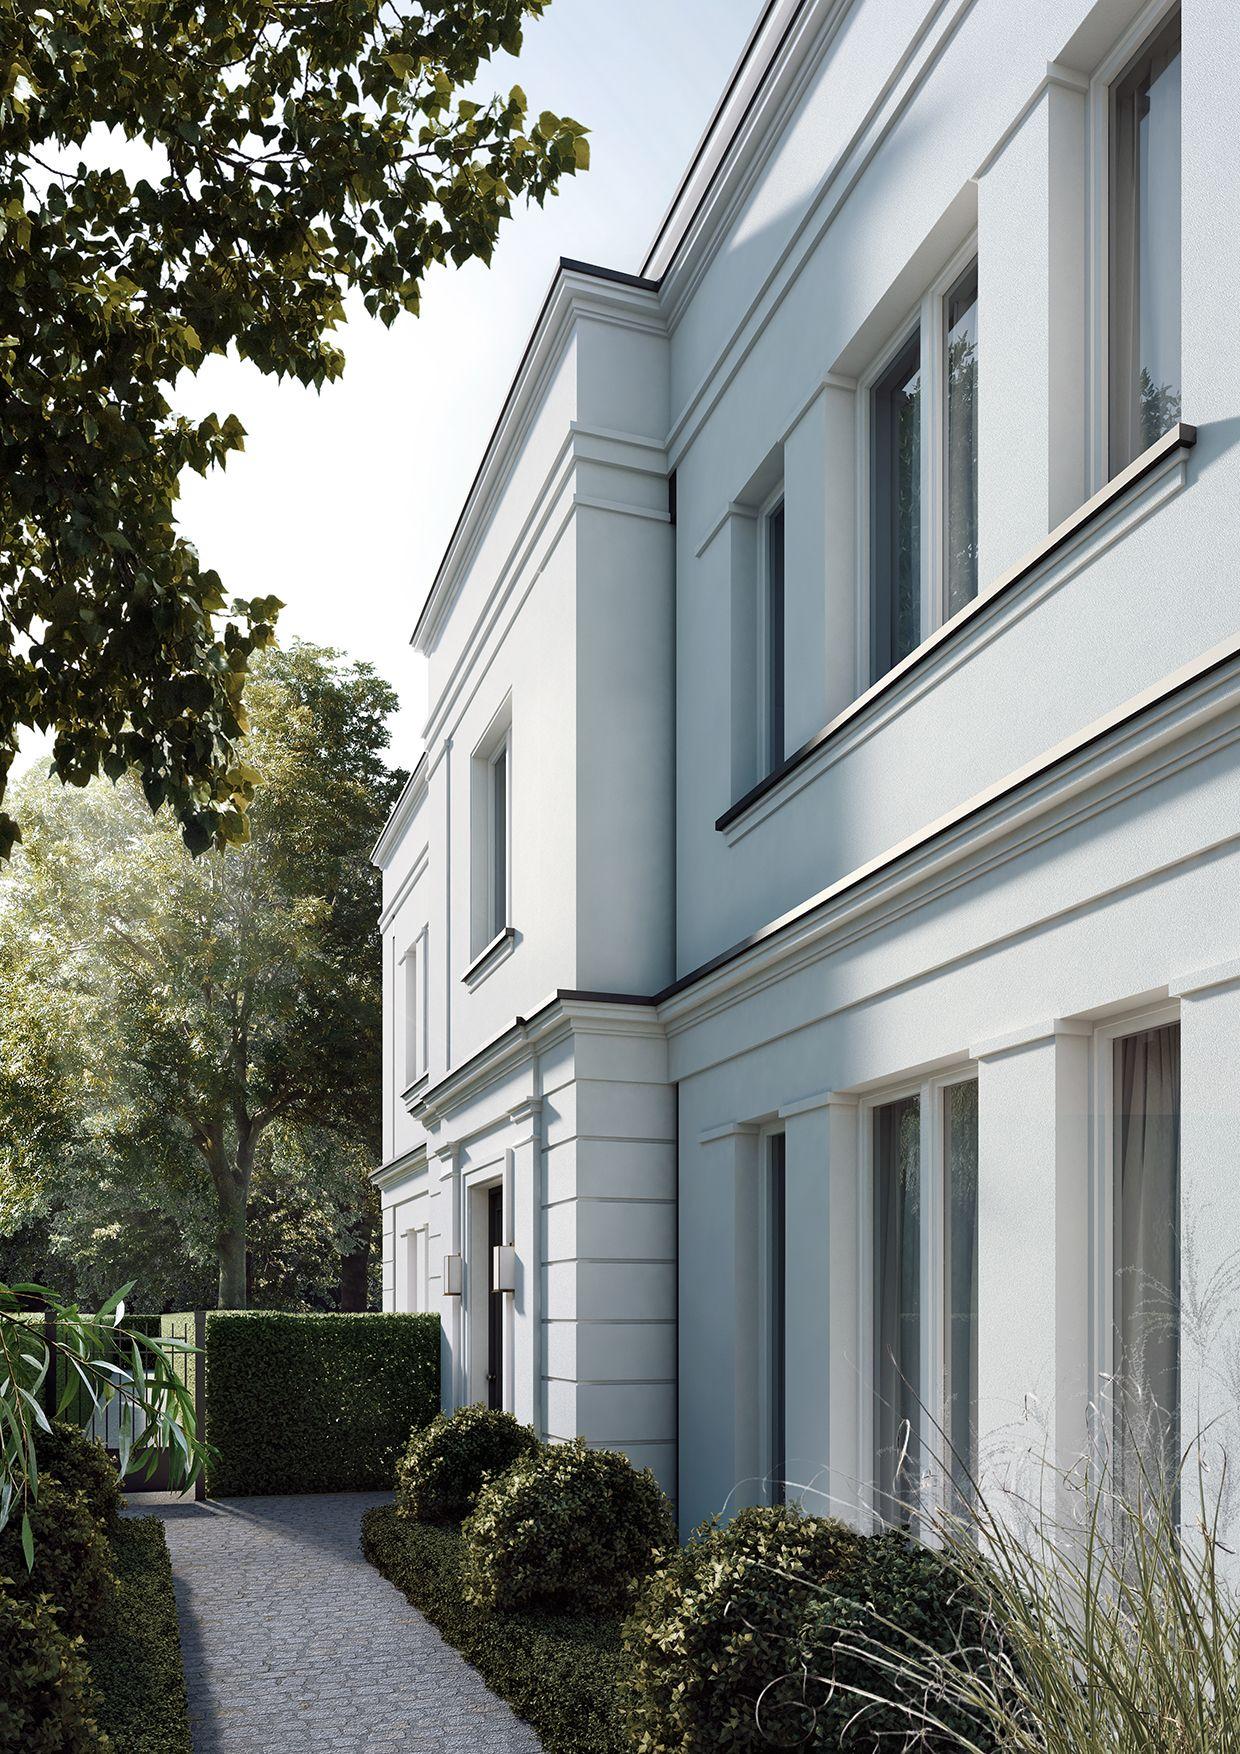 Wohnhaus mit 4 Wohneinheiten, Berlin Grunewald Classic